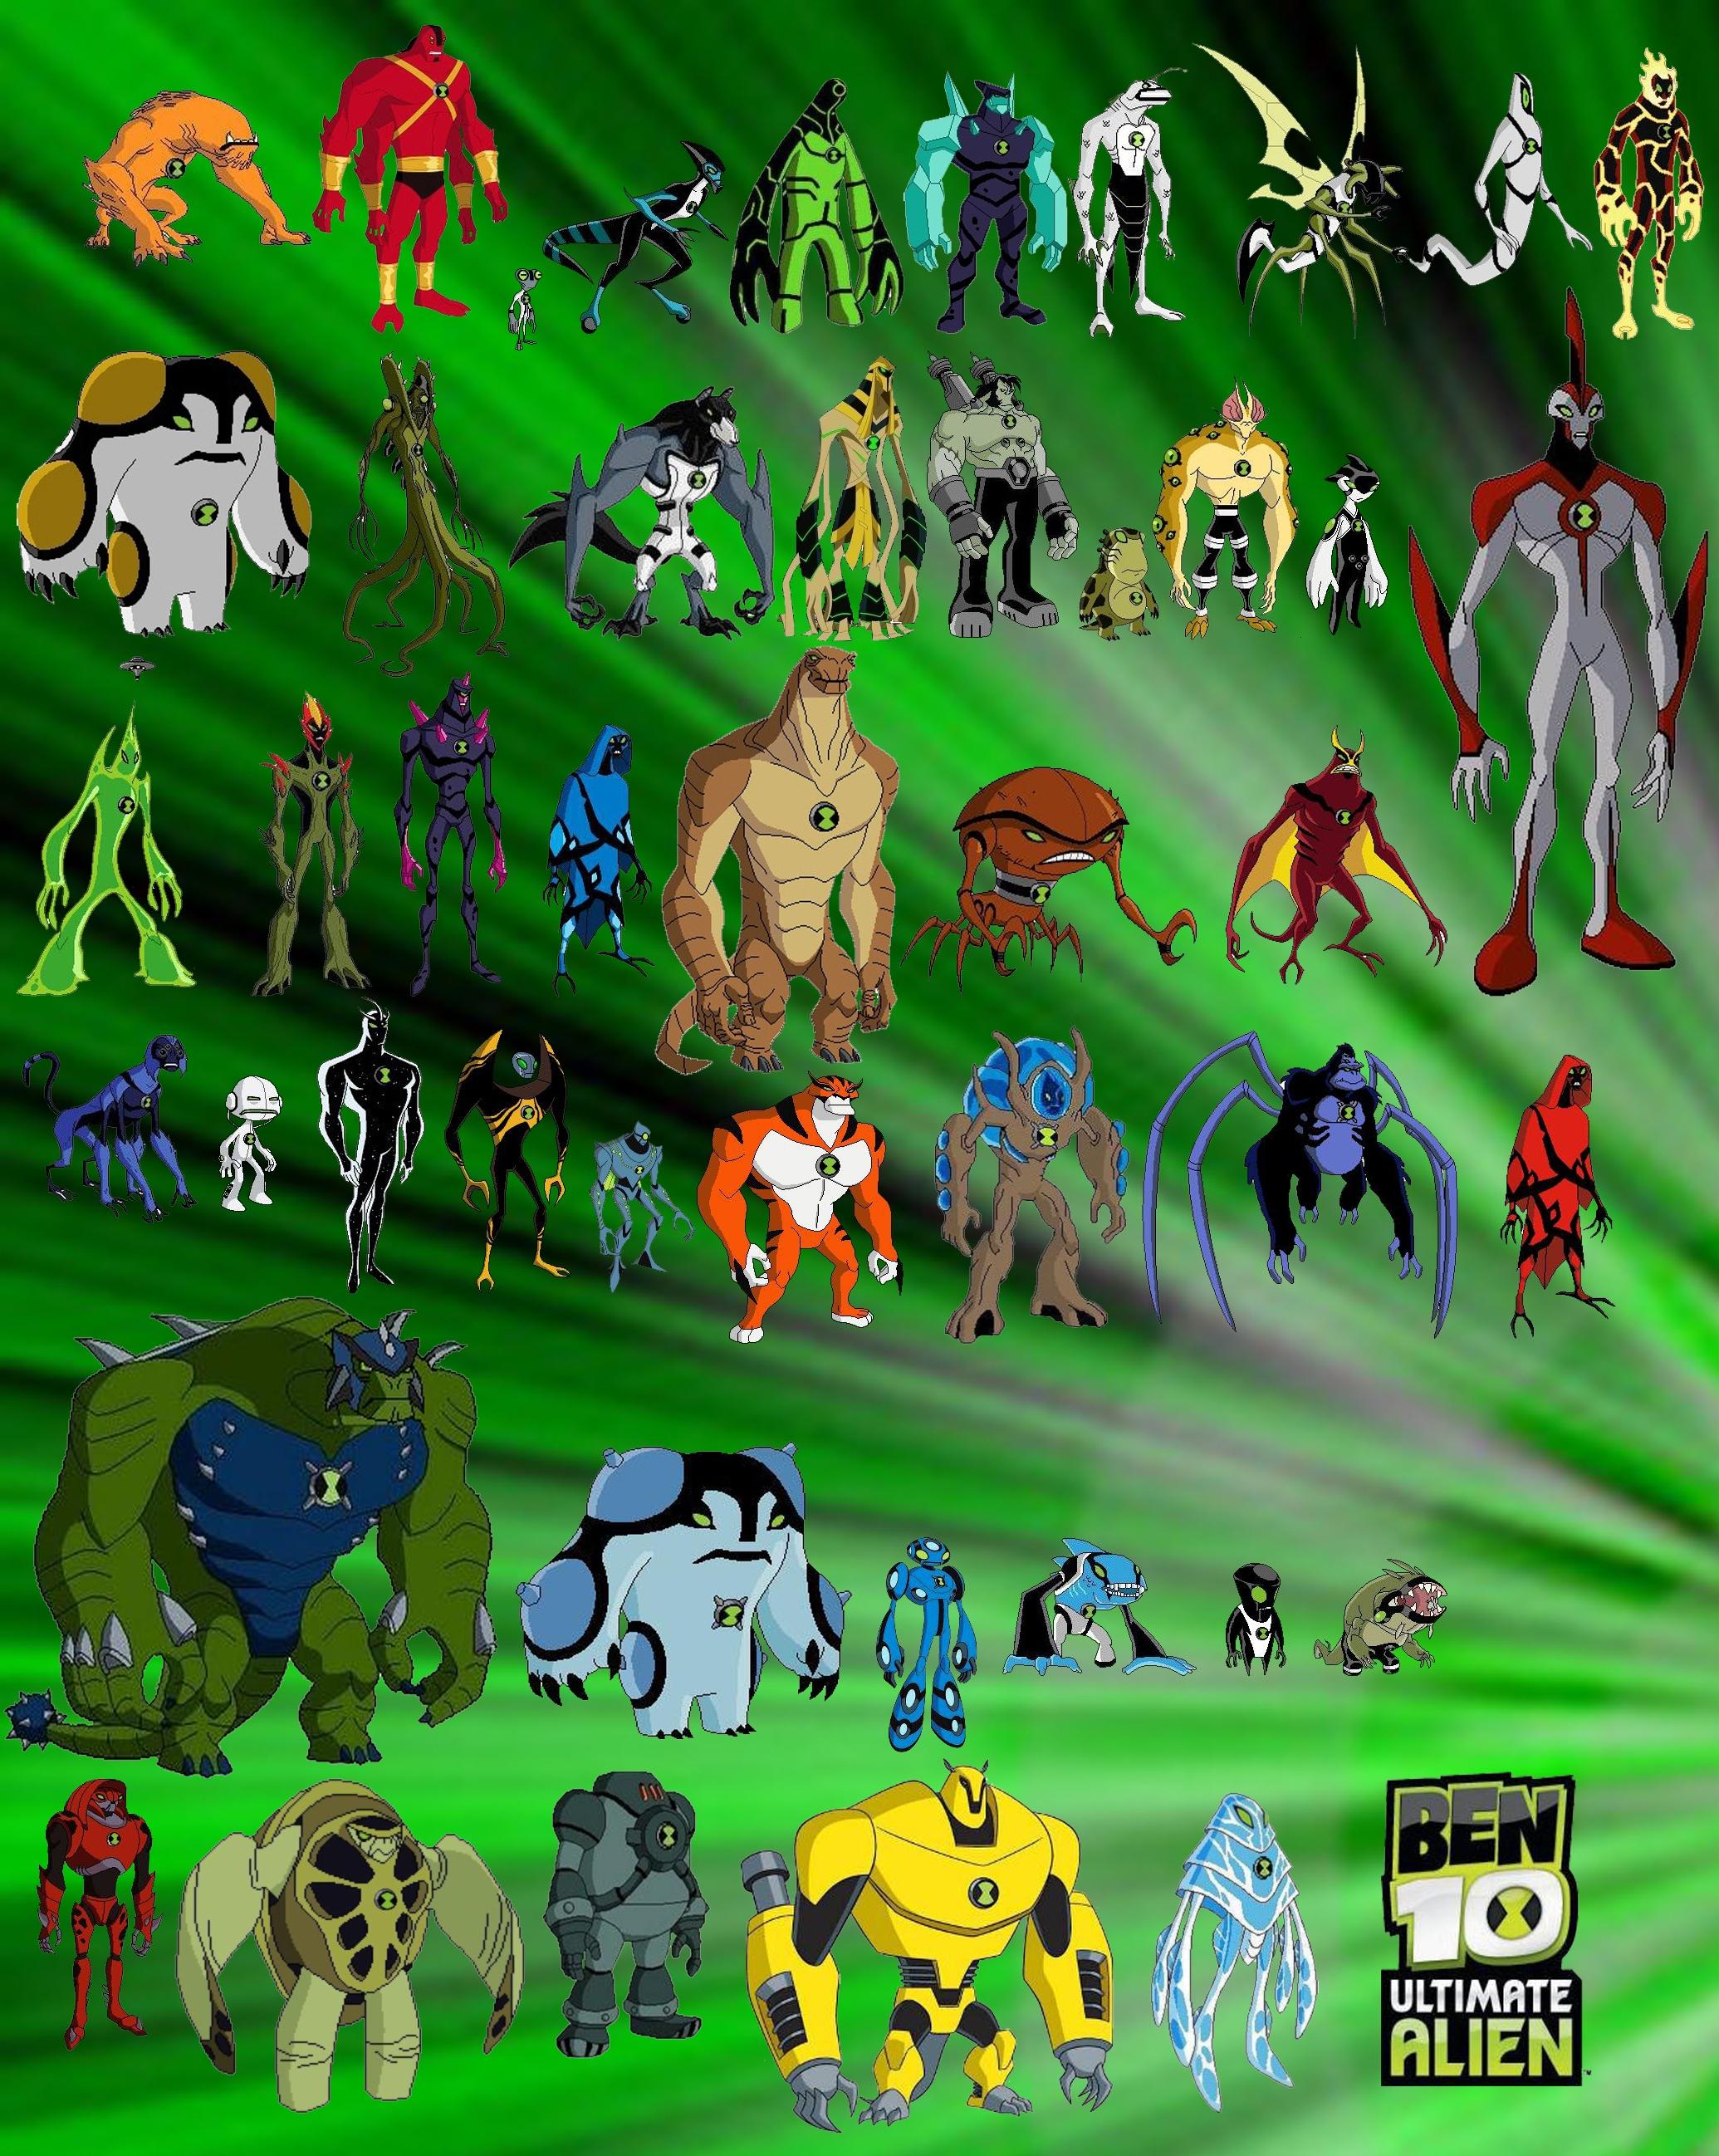 Imagen - Todos los aliens de ben 10 ultimate alien.jpg   Ben 10 Wiki ...